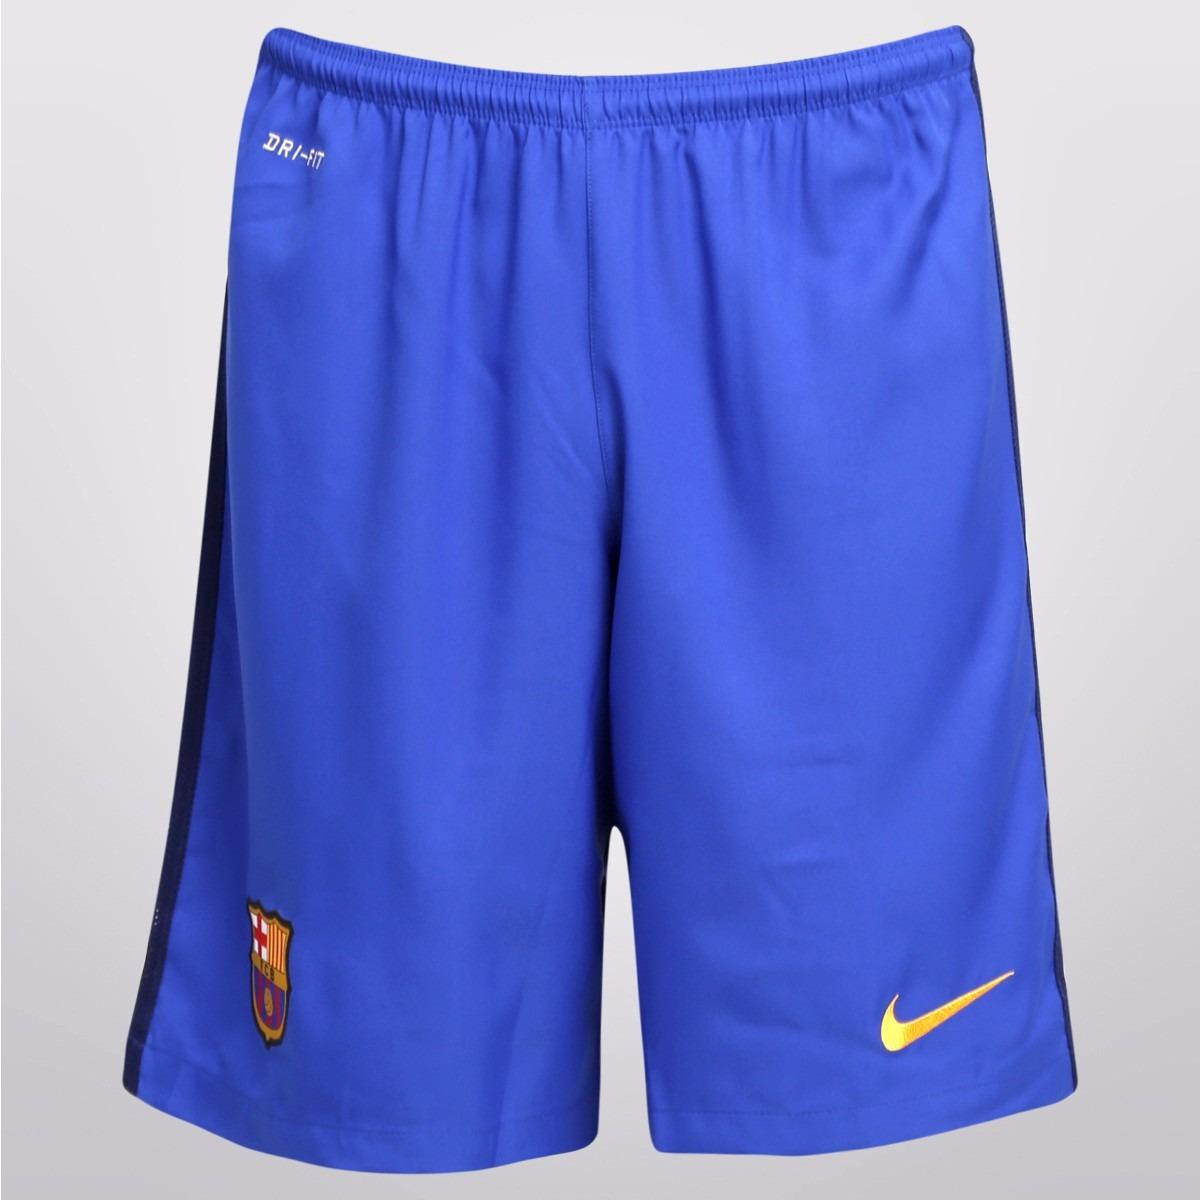 shorts calção do barcelona novo bermuda jogador de futebol. Carregando zoom. 82c8afd4660da